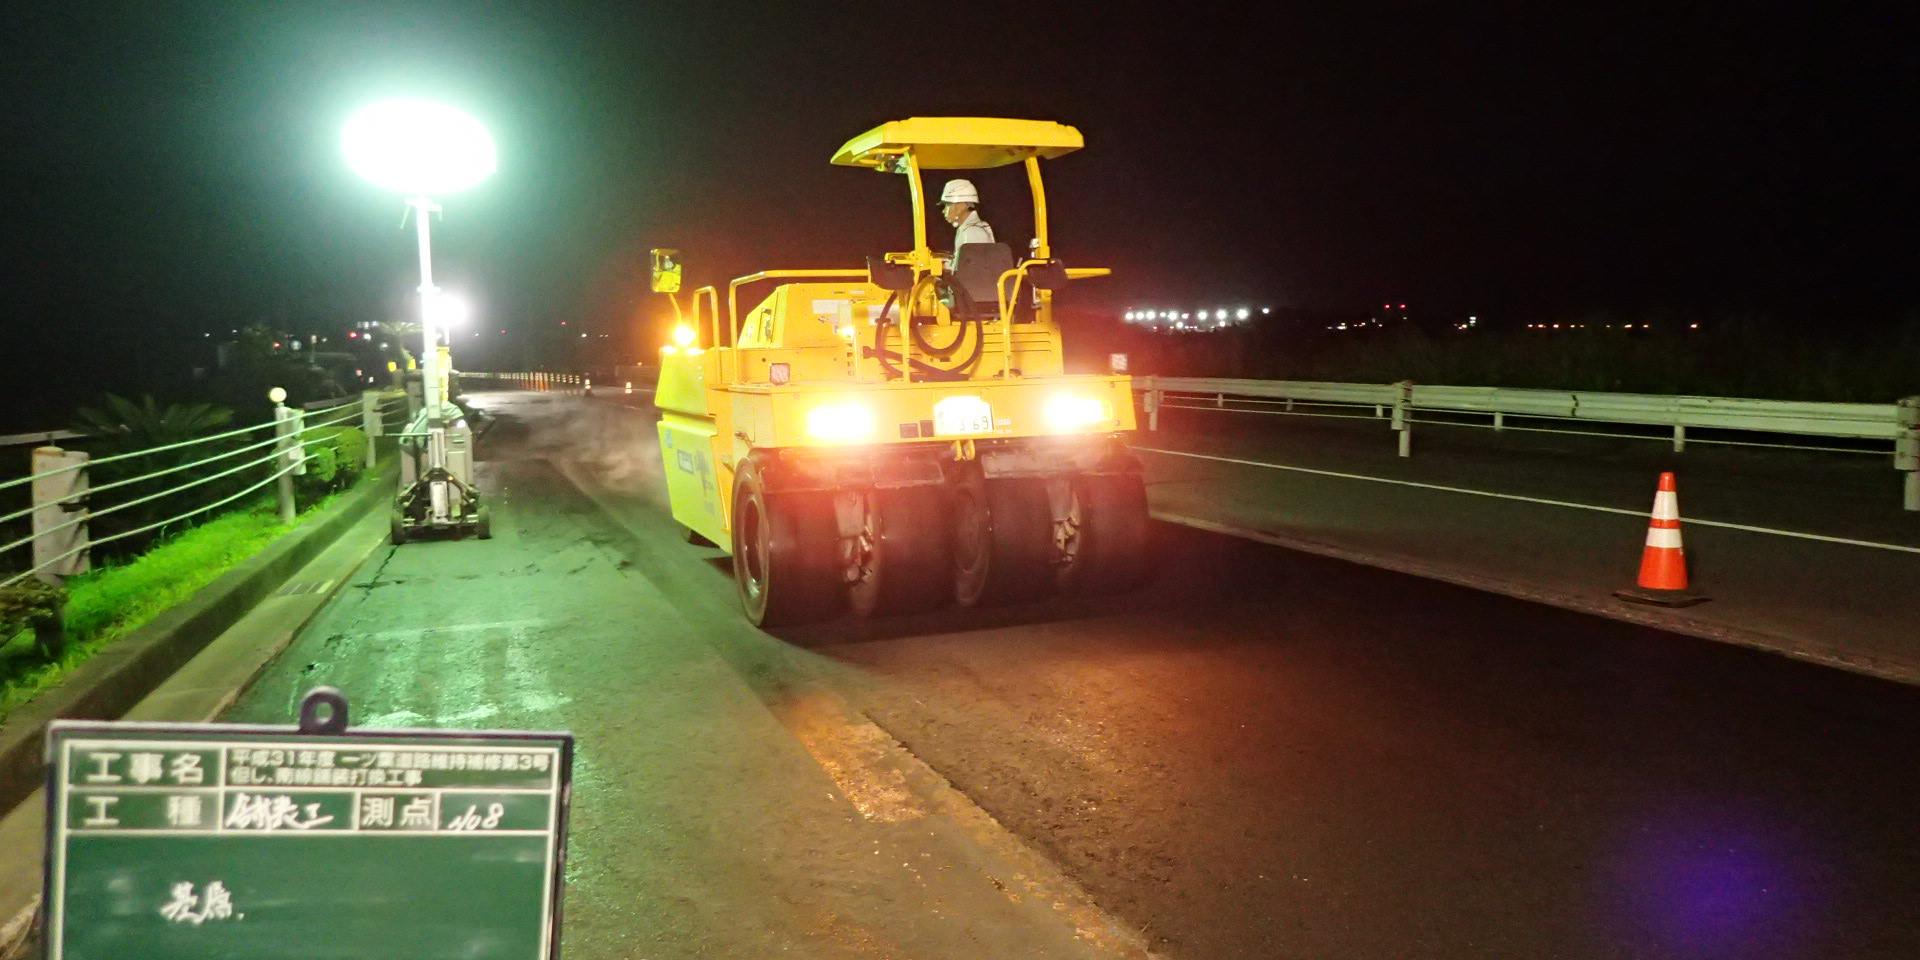 平成31年度 一ッ葉道路維持補修第3号 但し、南線舗装打換工事